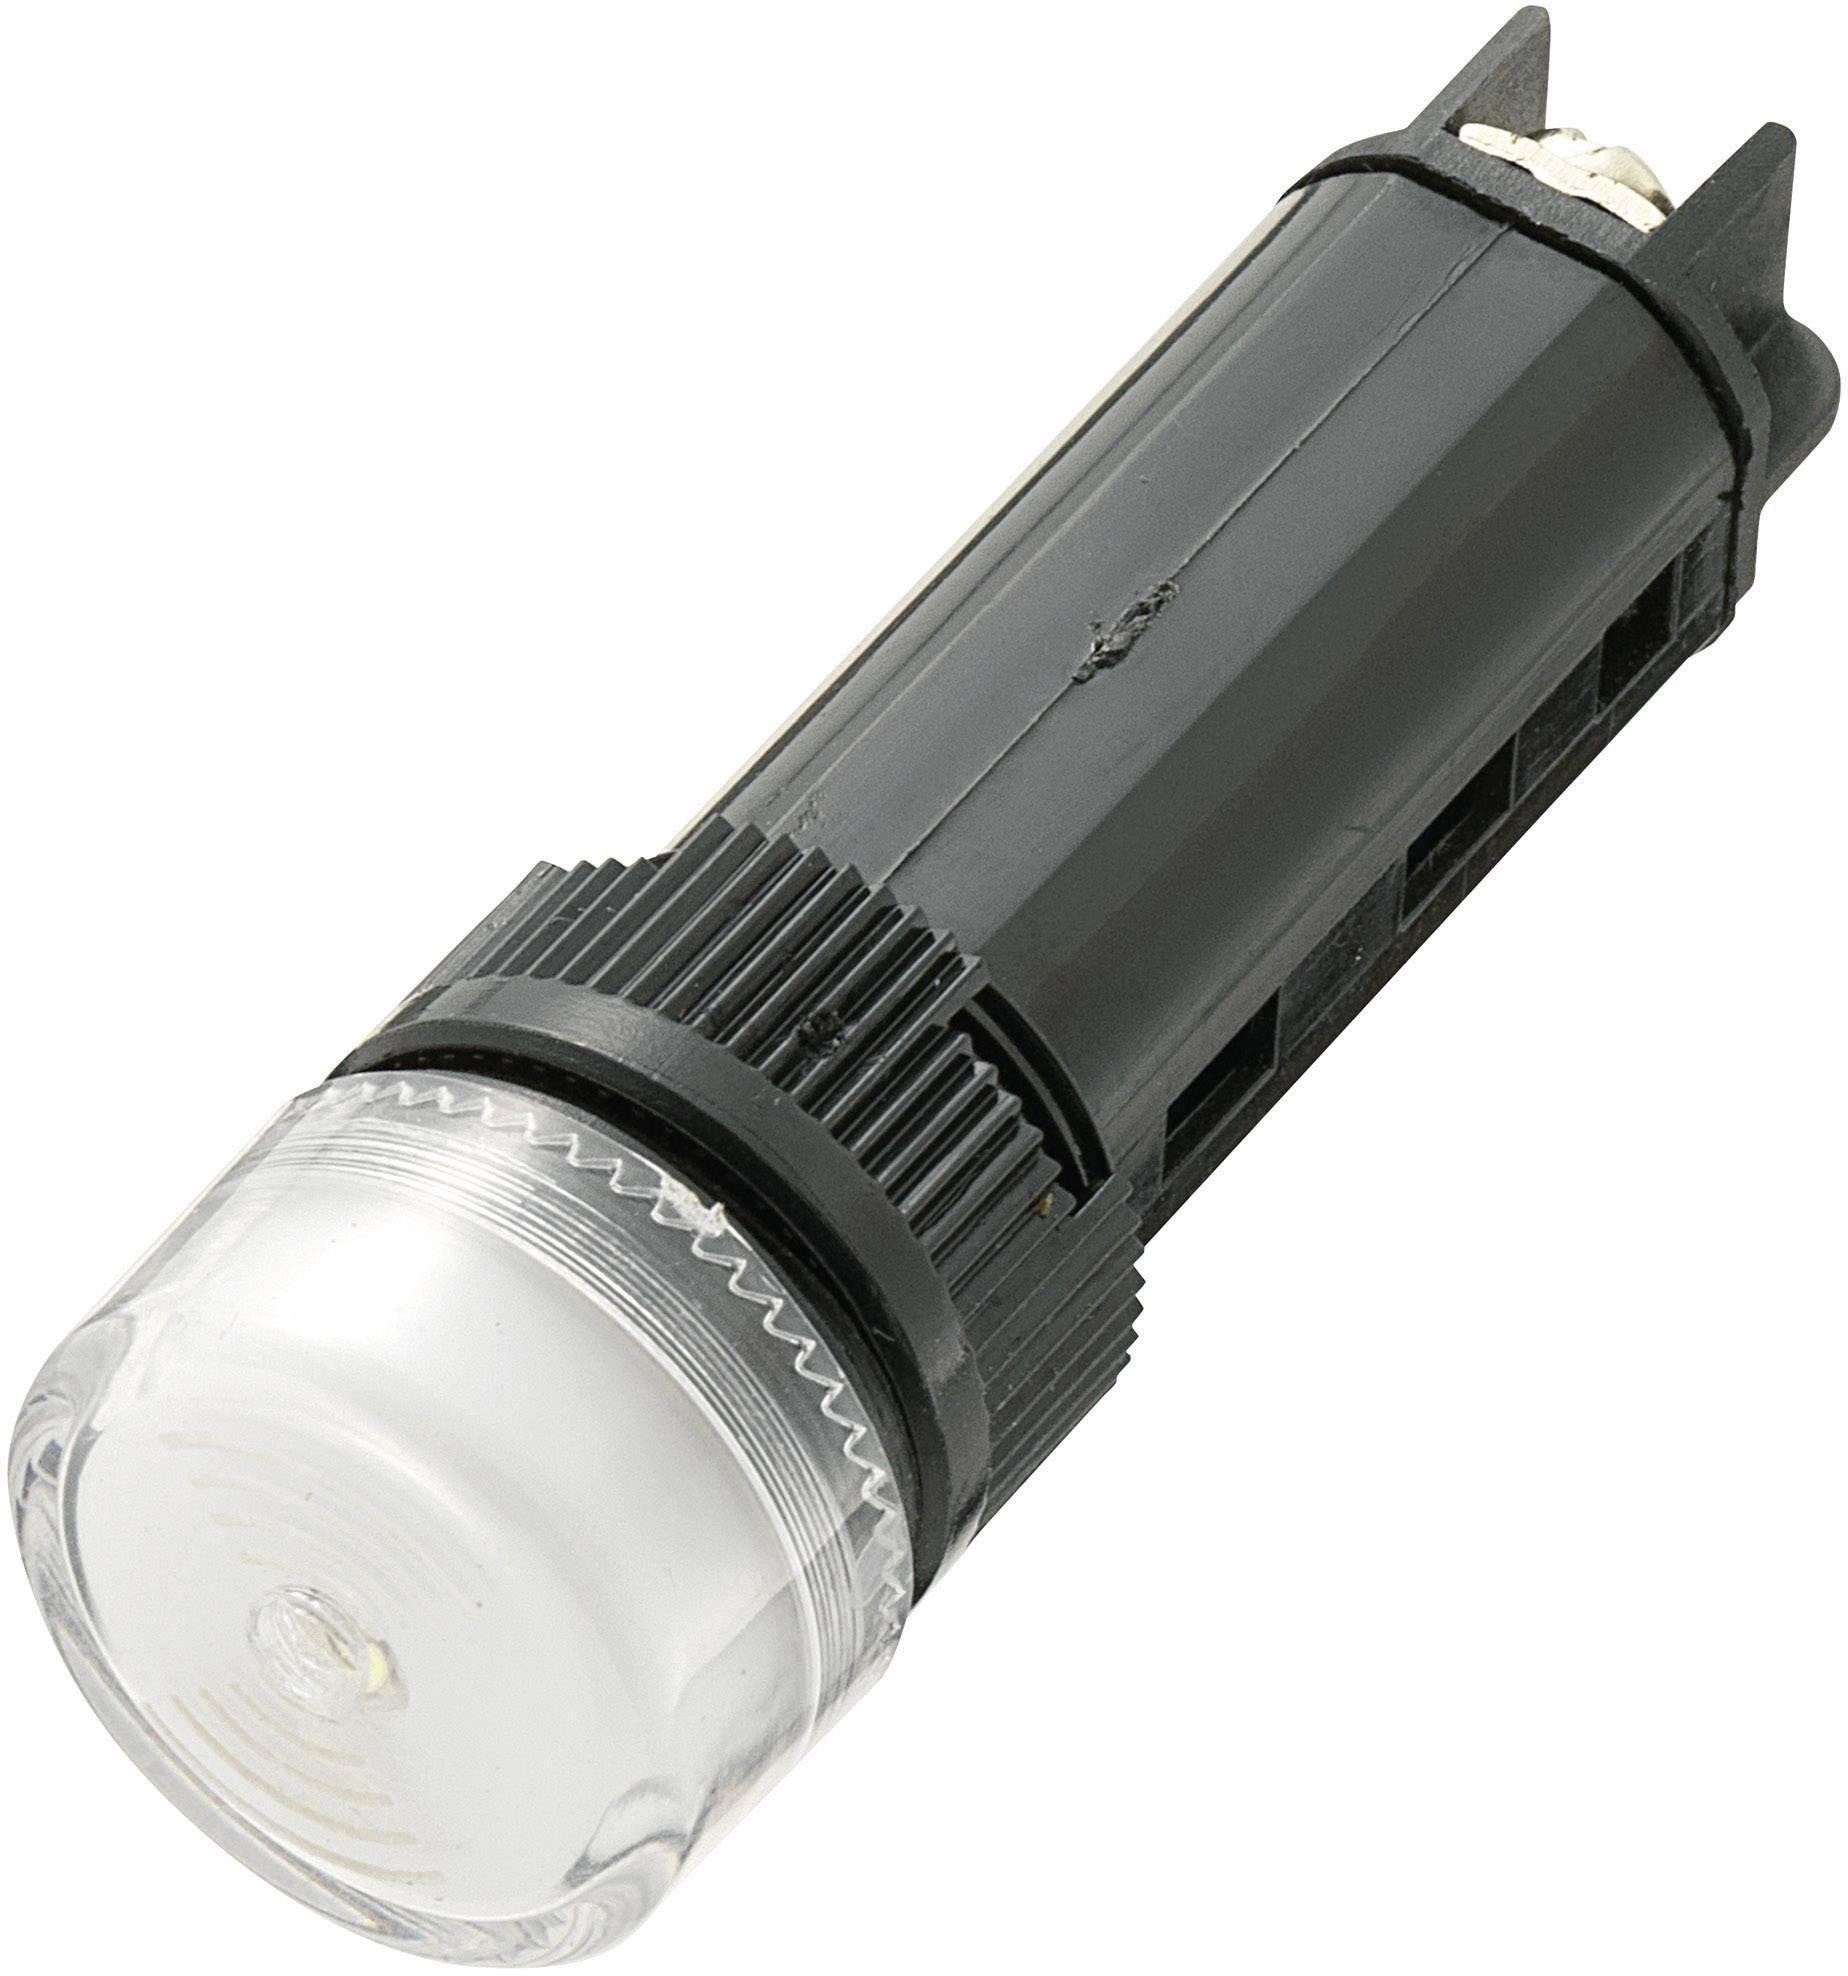 Sirénka / kontrolka, 80 dB 24 V / DC, bílá